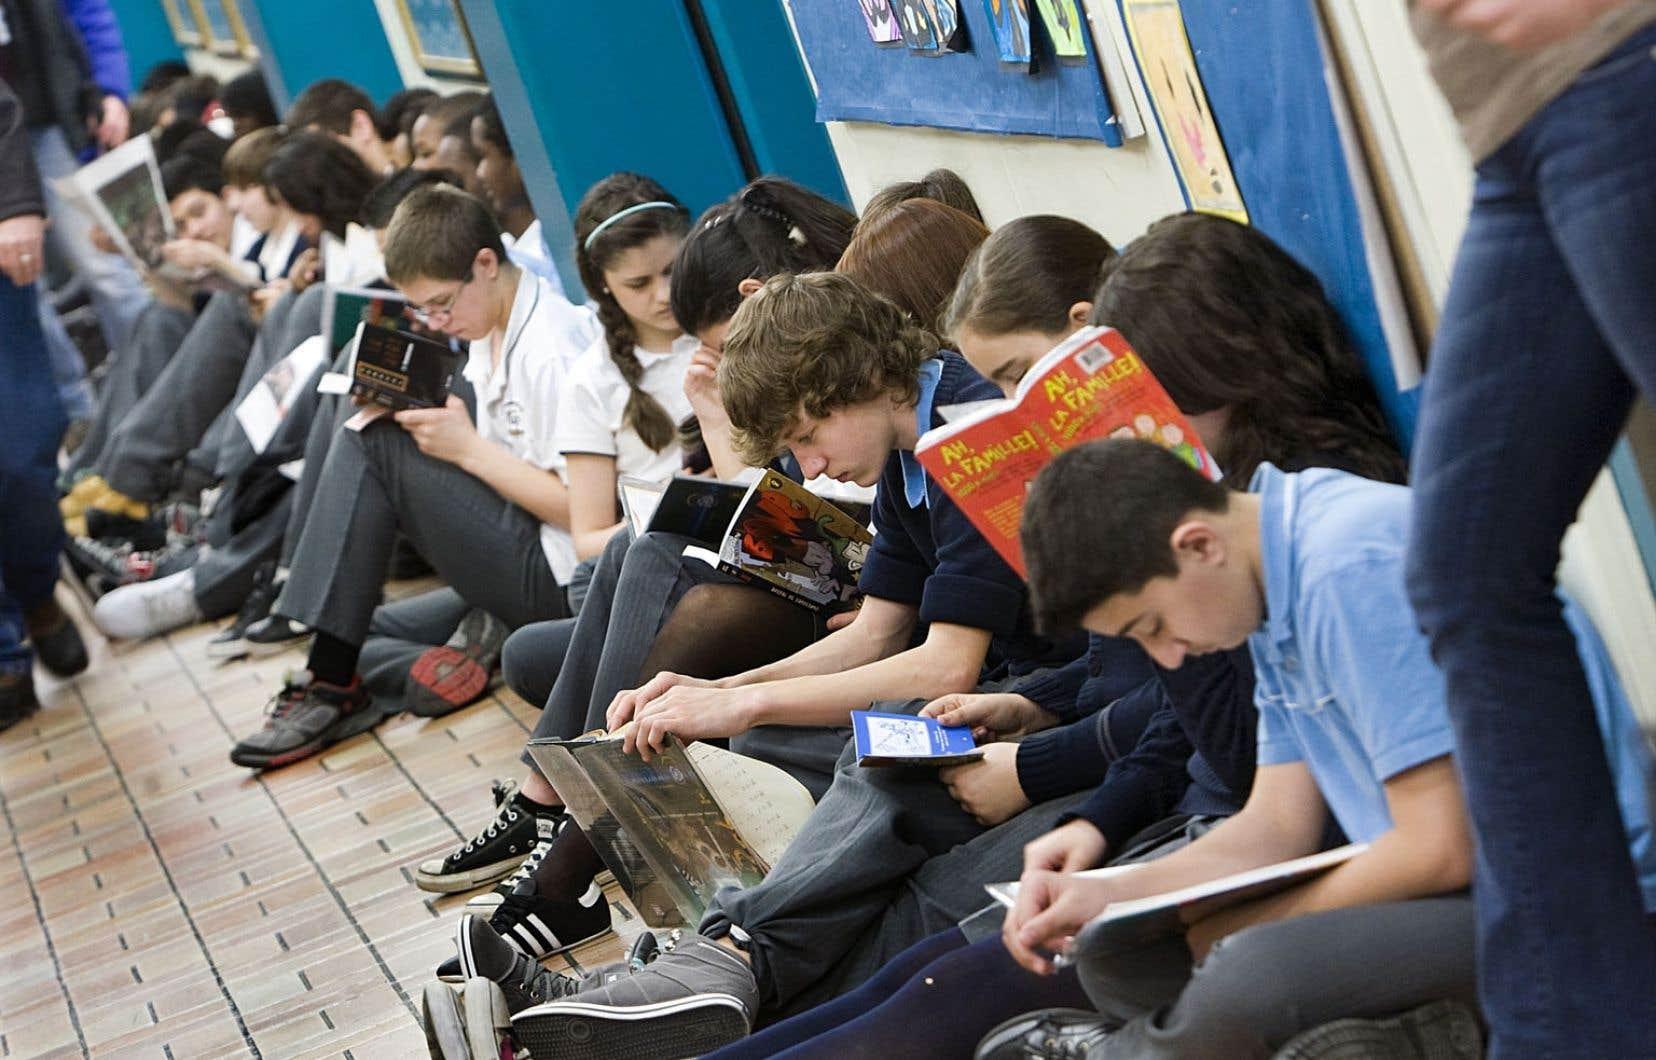 Les adolescents sondés par l'éditeur des <em>Débrouillards</em> ont affirmé qu'ils souhaitent avoir des informations pour décrypter ce qui se passe dans le monde.